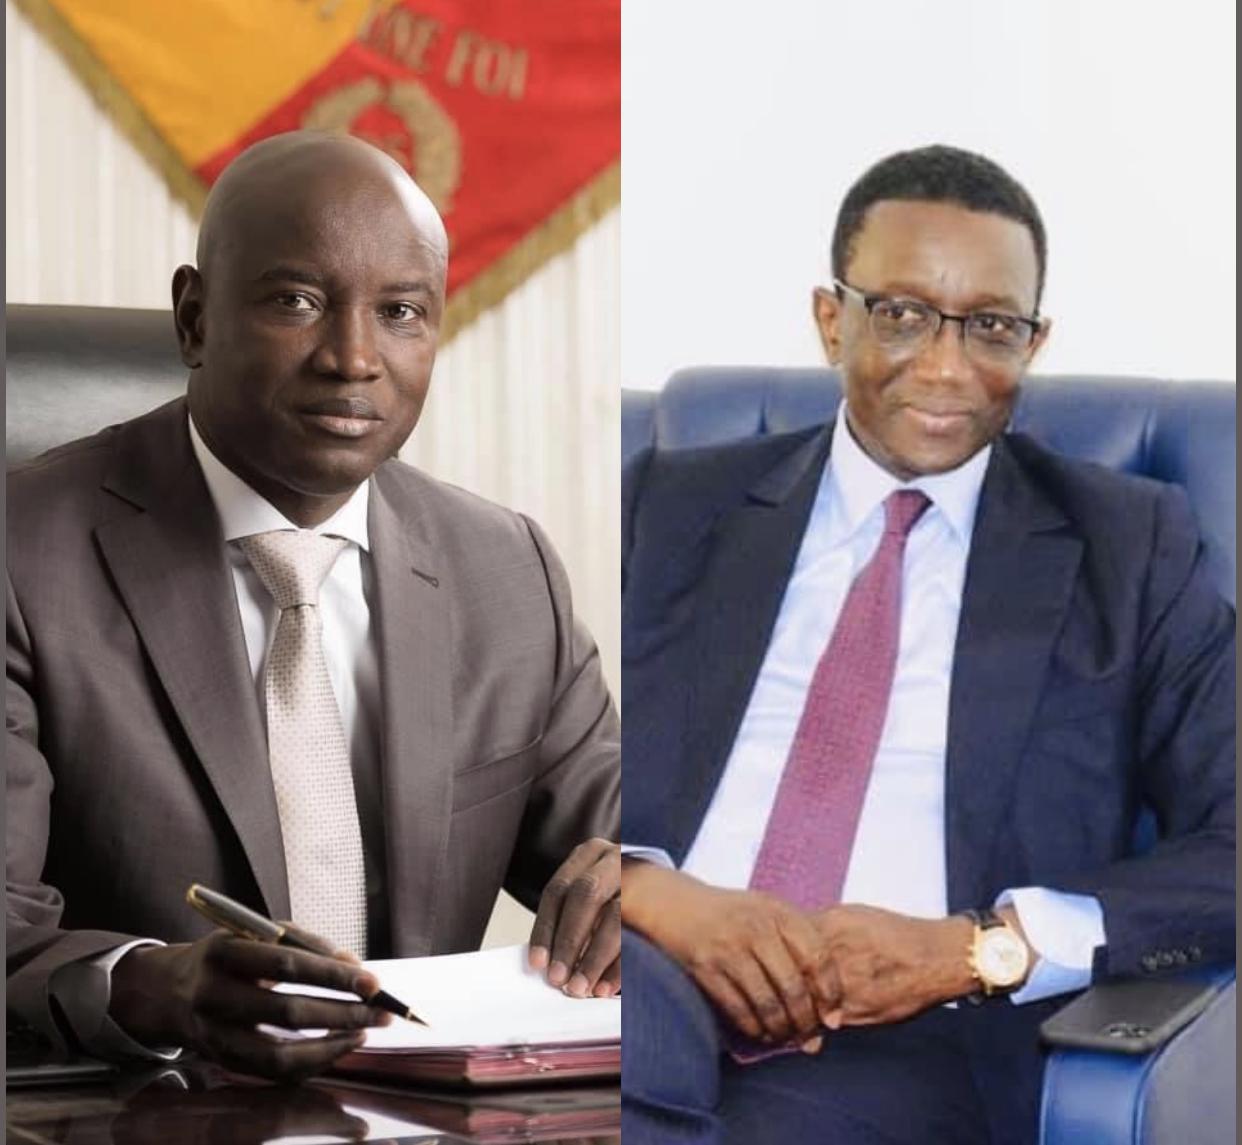 MYSTÈRES LEVÉS AUTOUR DE 02 DÉPARTS / Aly Ngouille décline le S.G.G et un autre ministère... Amadou Bâ voit plus haut que celui qui lui a été proposé...